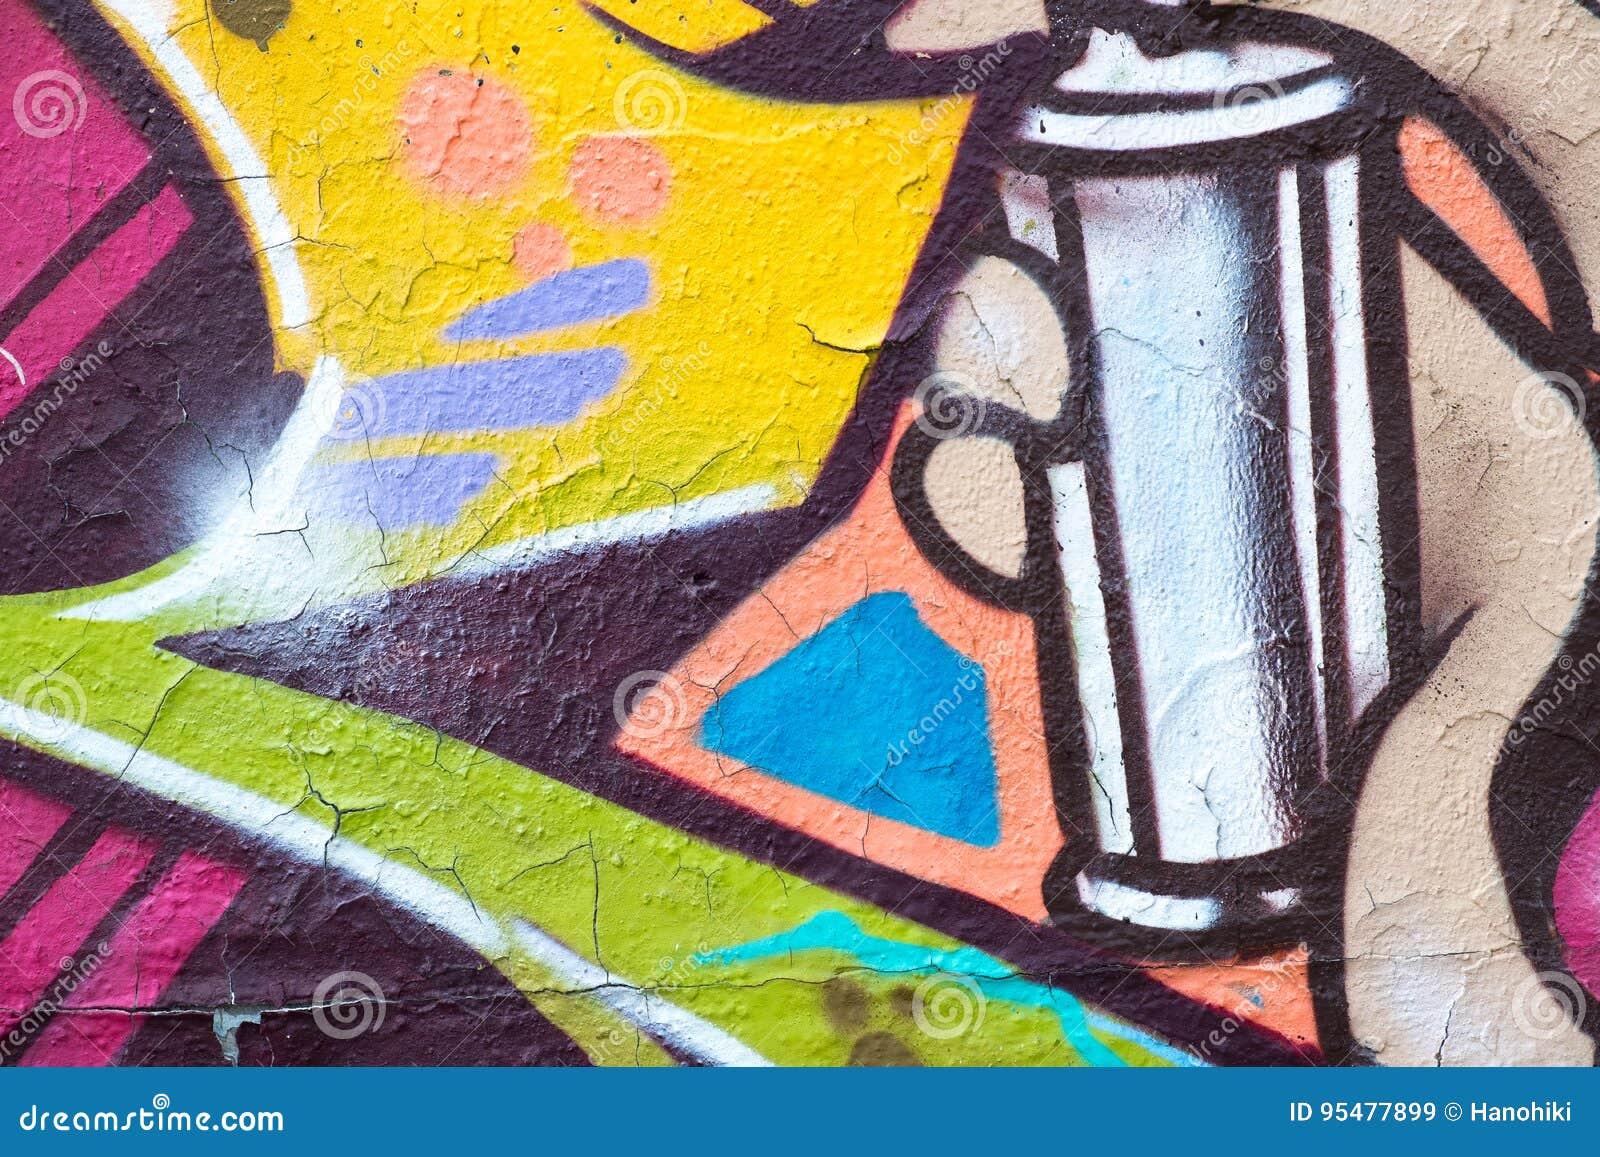 Kolorowy graffiti ściany zbliżenie - graffiti tło